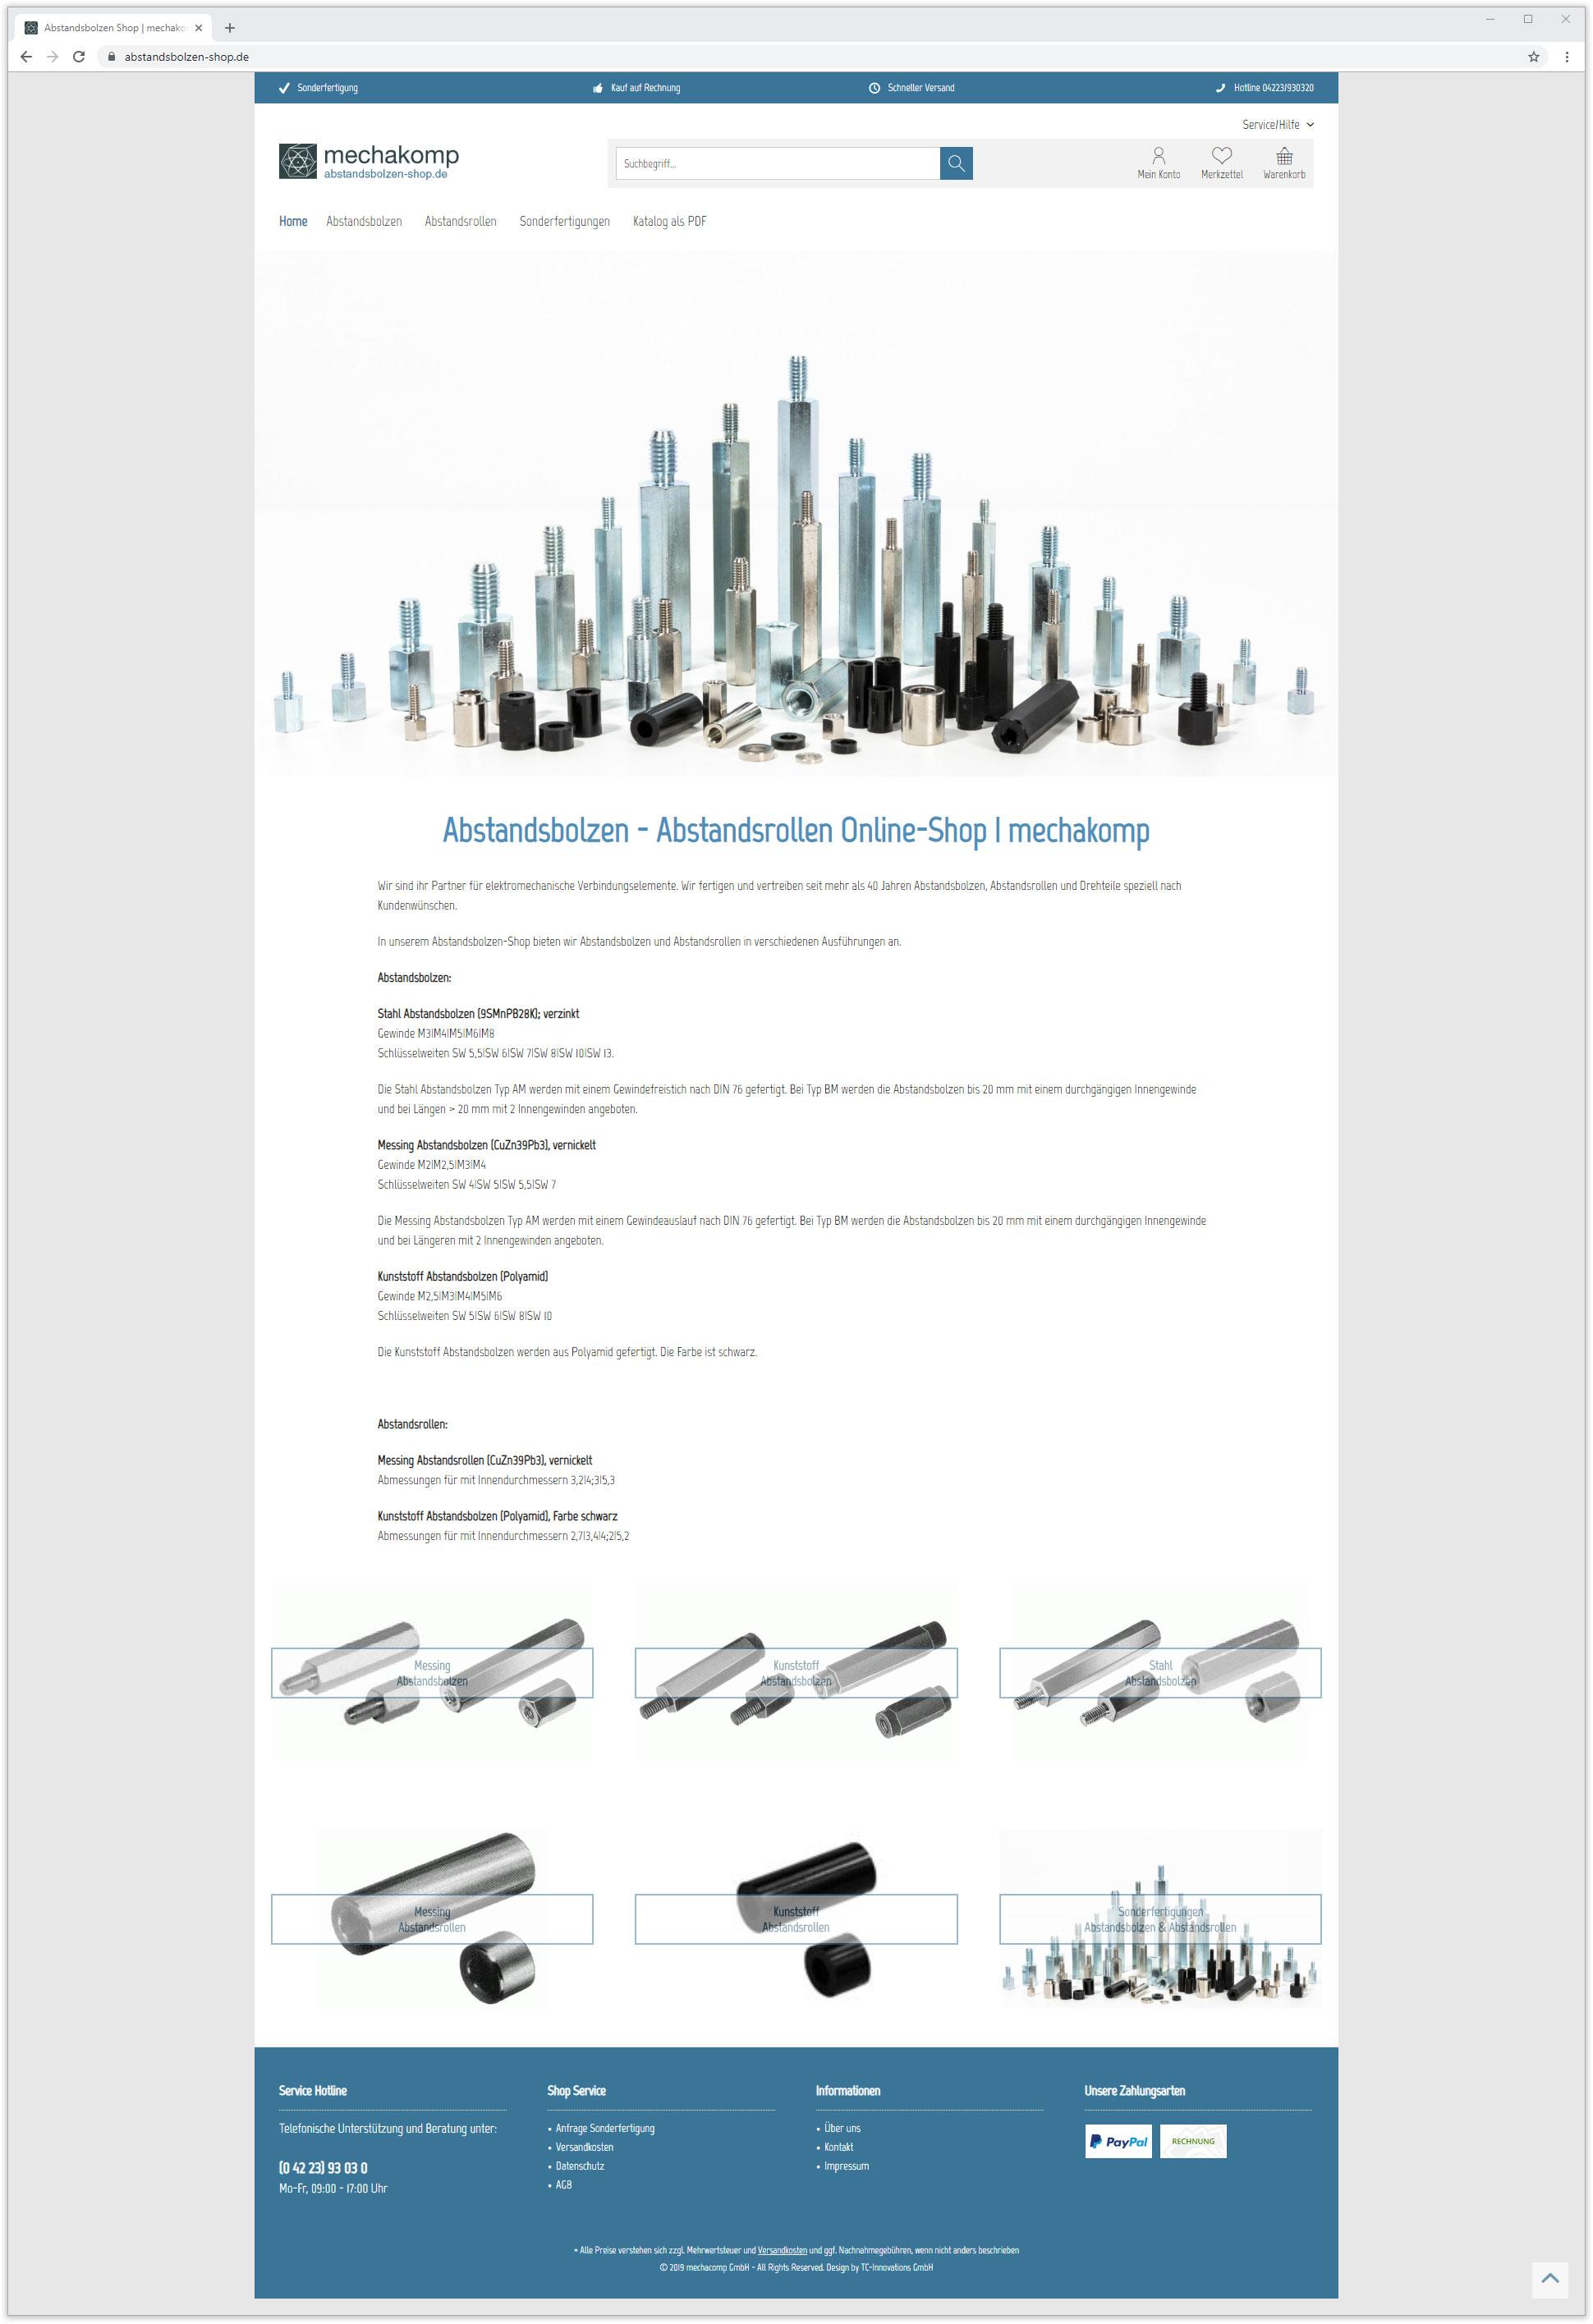 voransicht-webseite-mechakomp